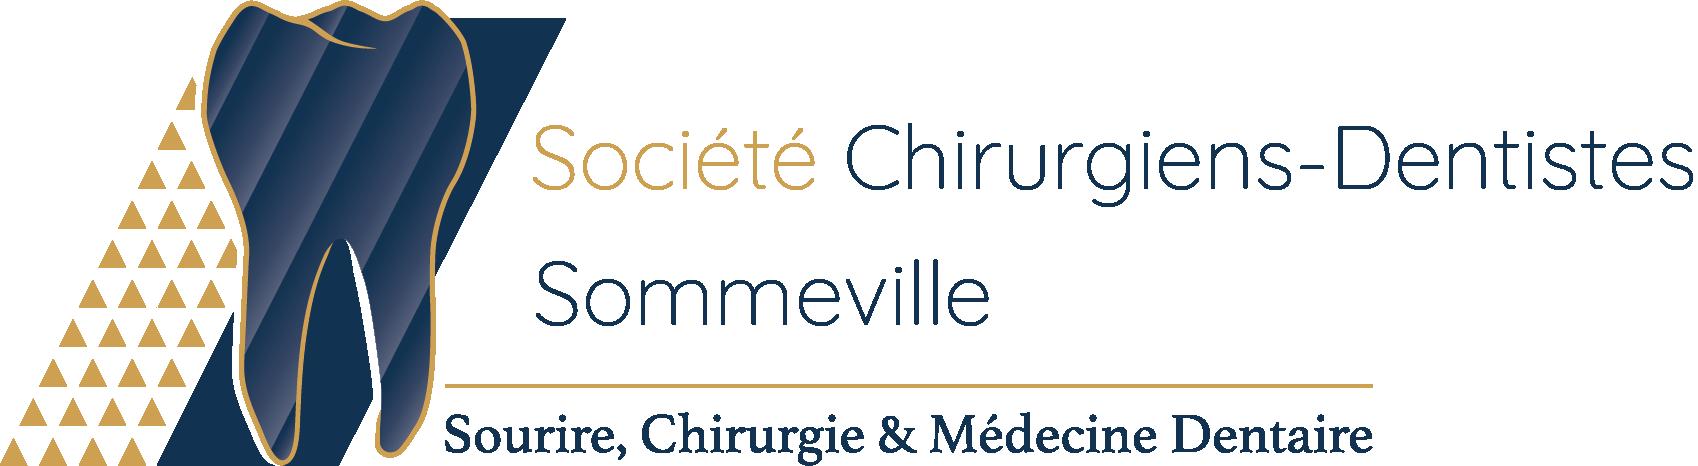 Société Chirurgiens-Dentistes Sommeville